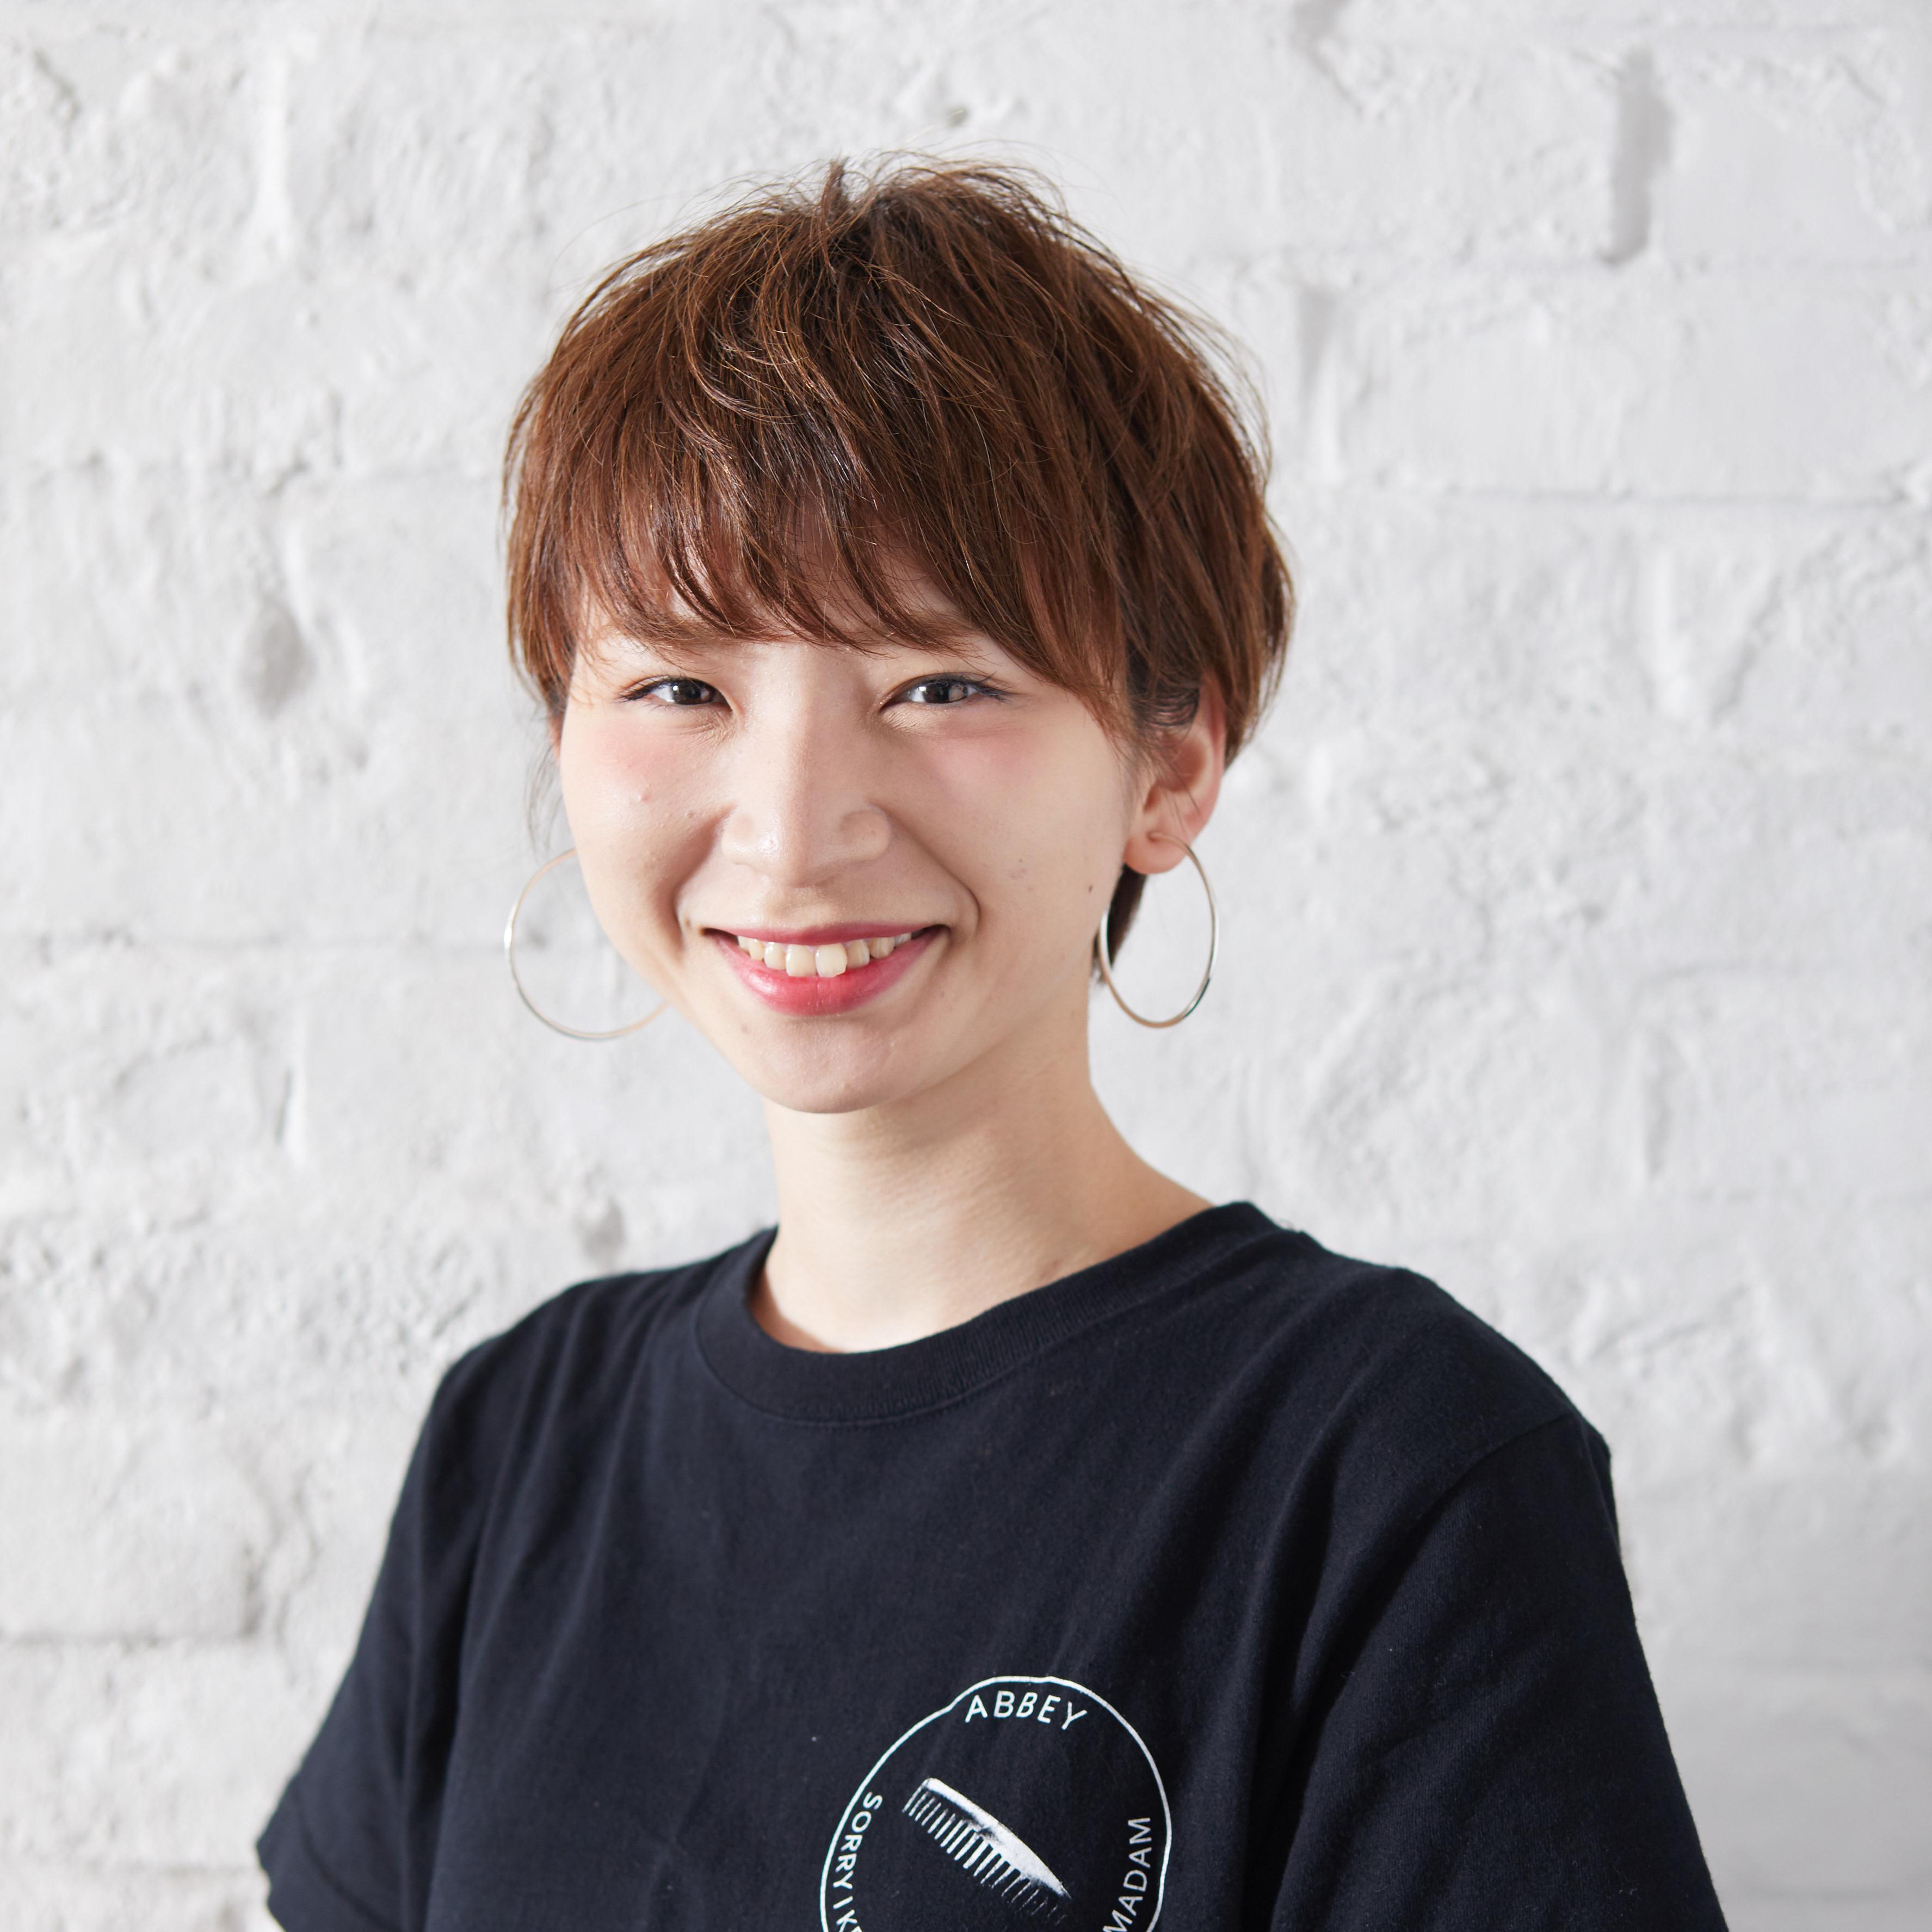 Kobayashi Narise